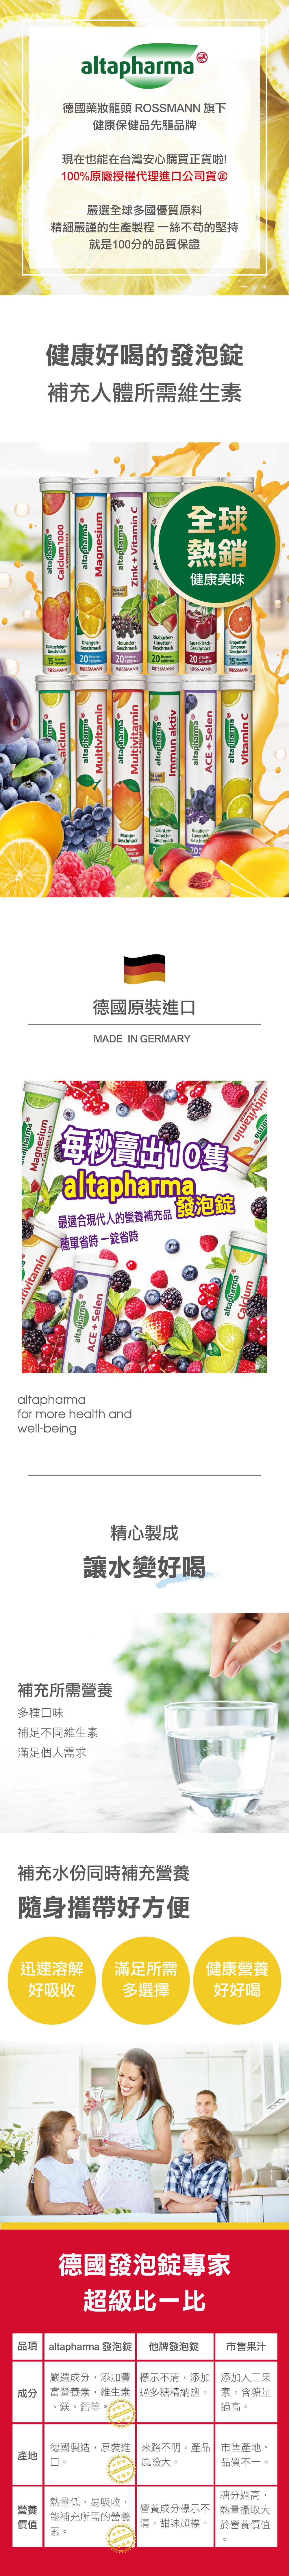 altapharma-%e7%99%bc%e6%b3%a1%e9%8c%a0new_1